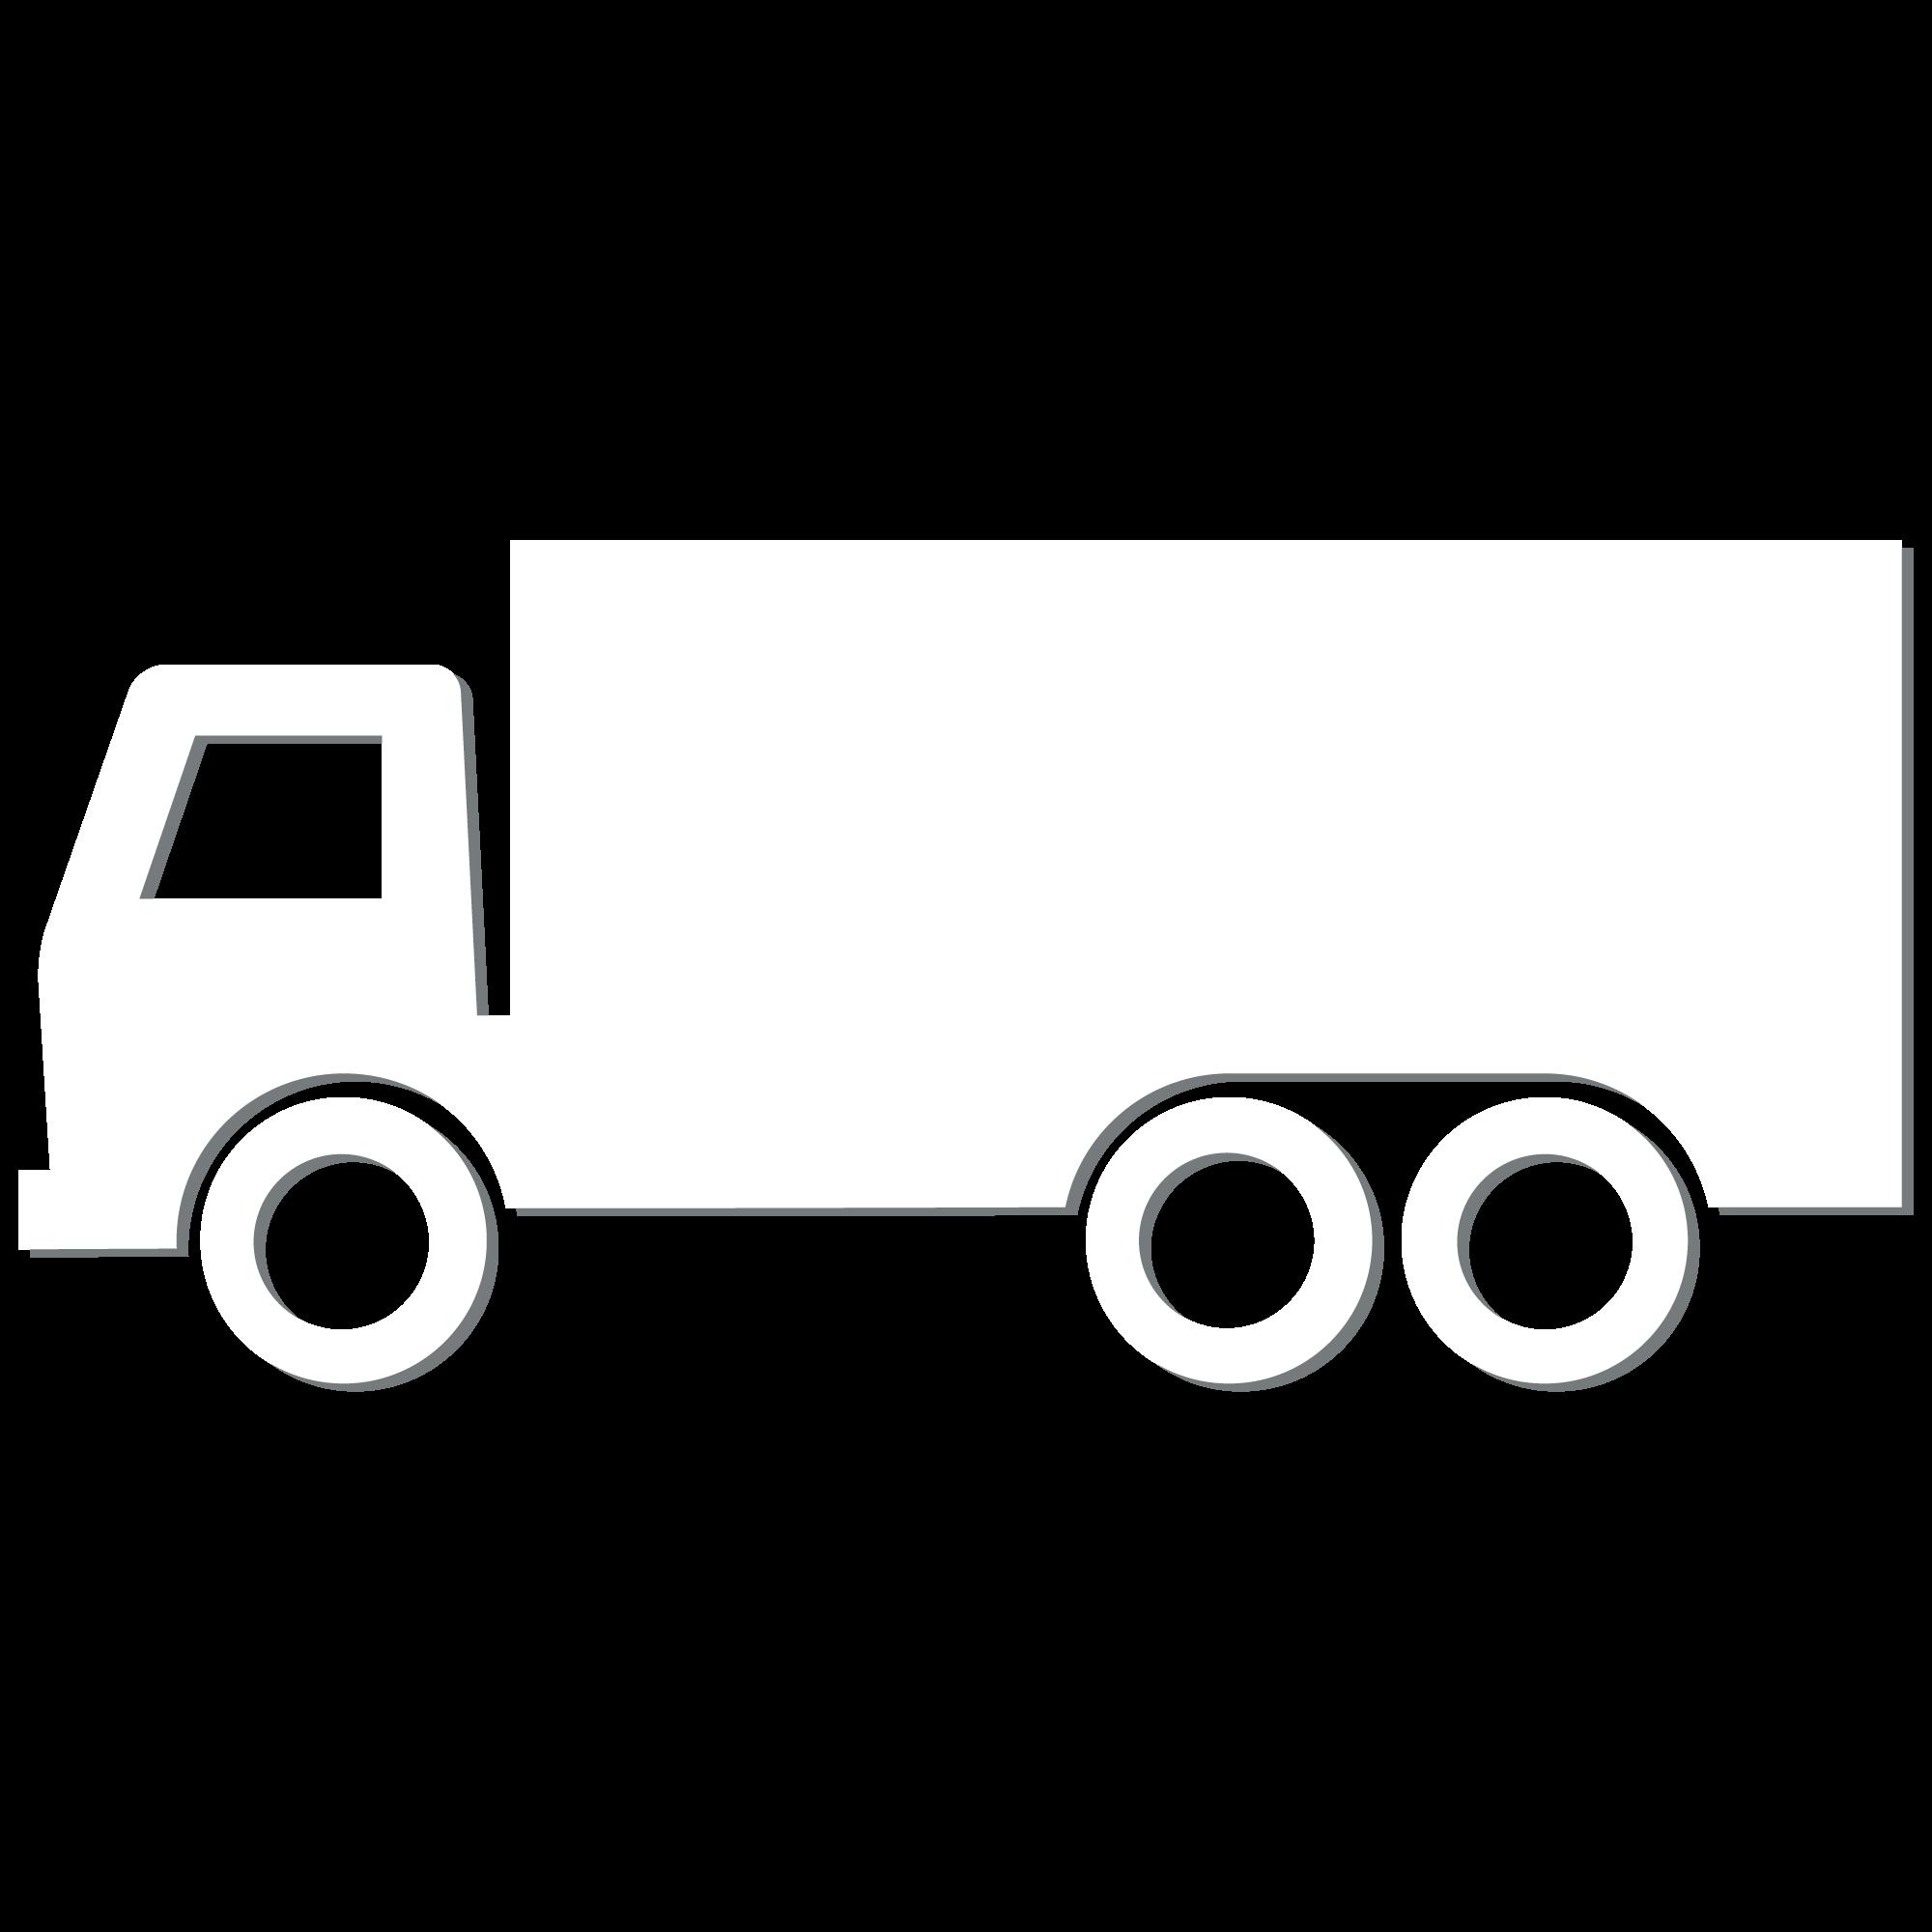 Φορτηγό Άσπρο Σχολή Οδηγών Odigisi